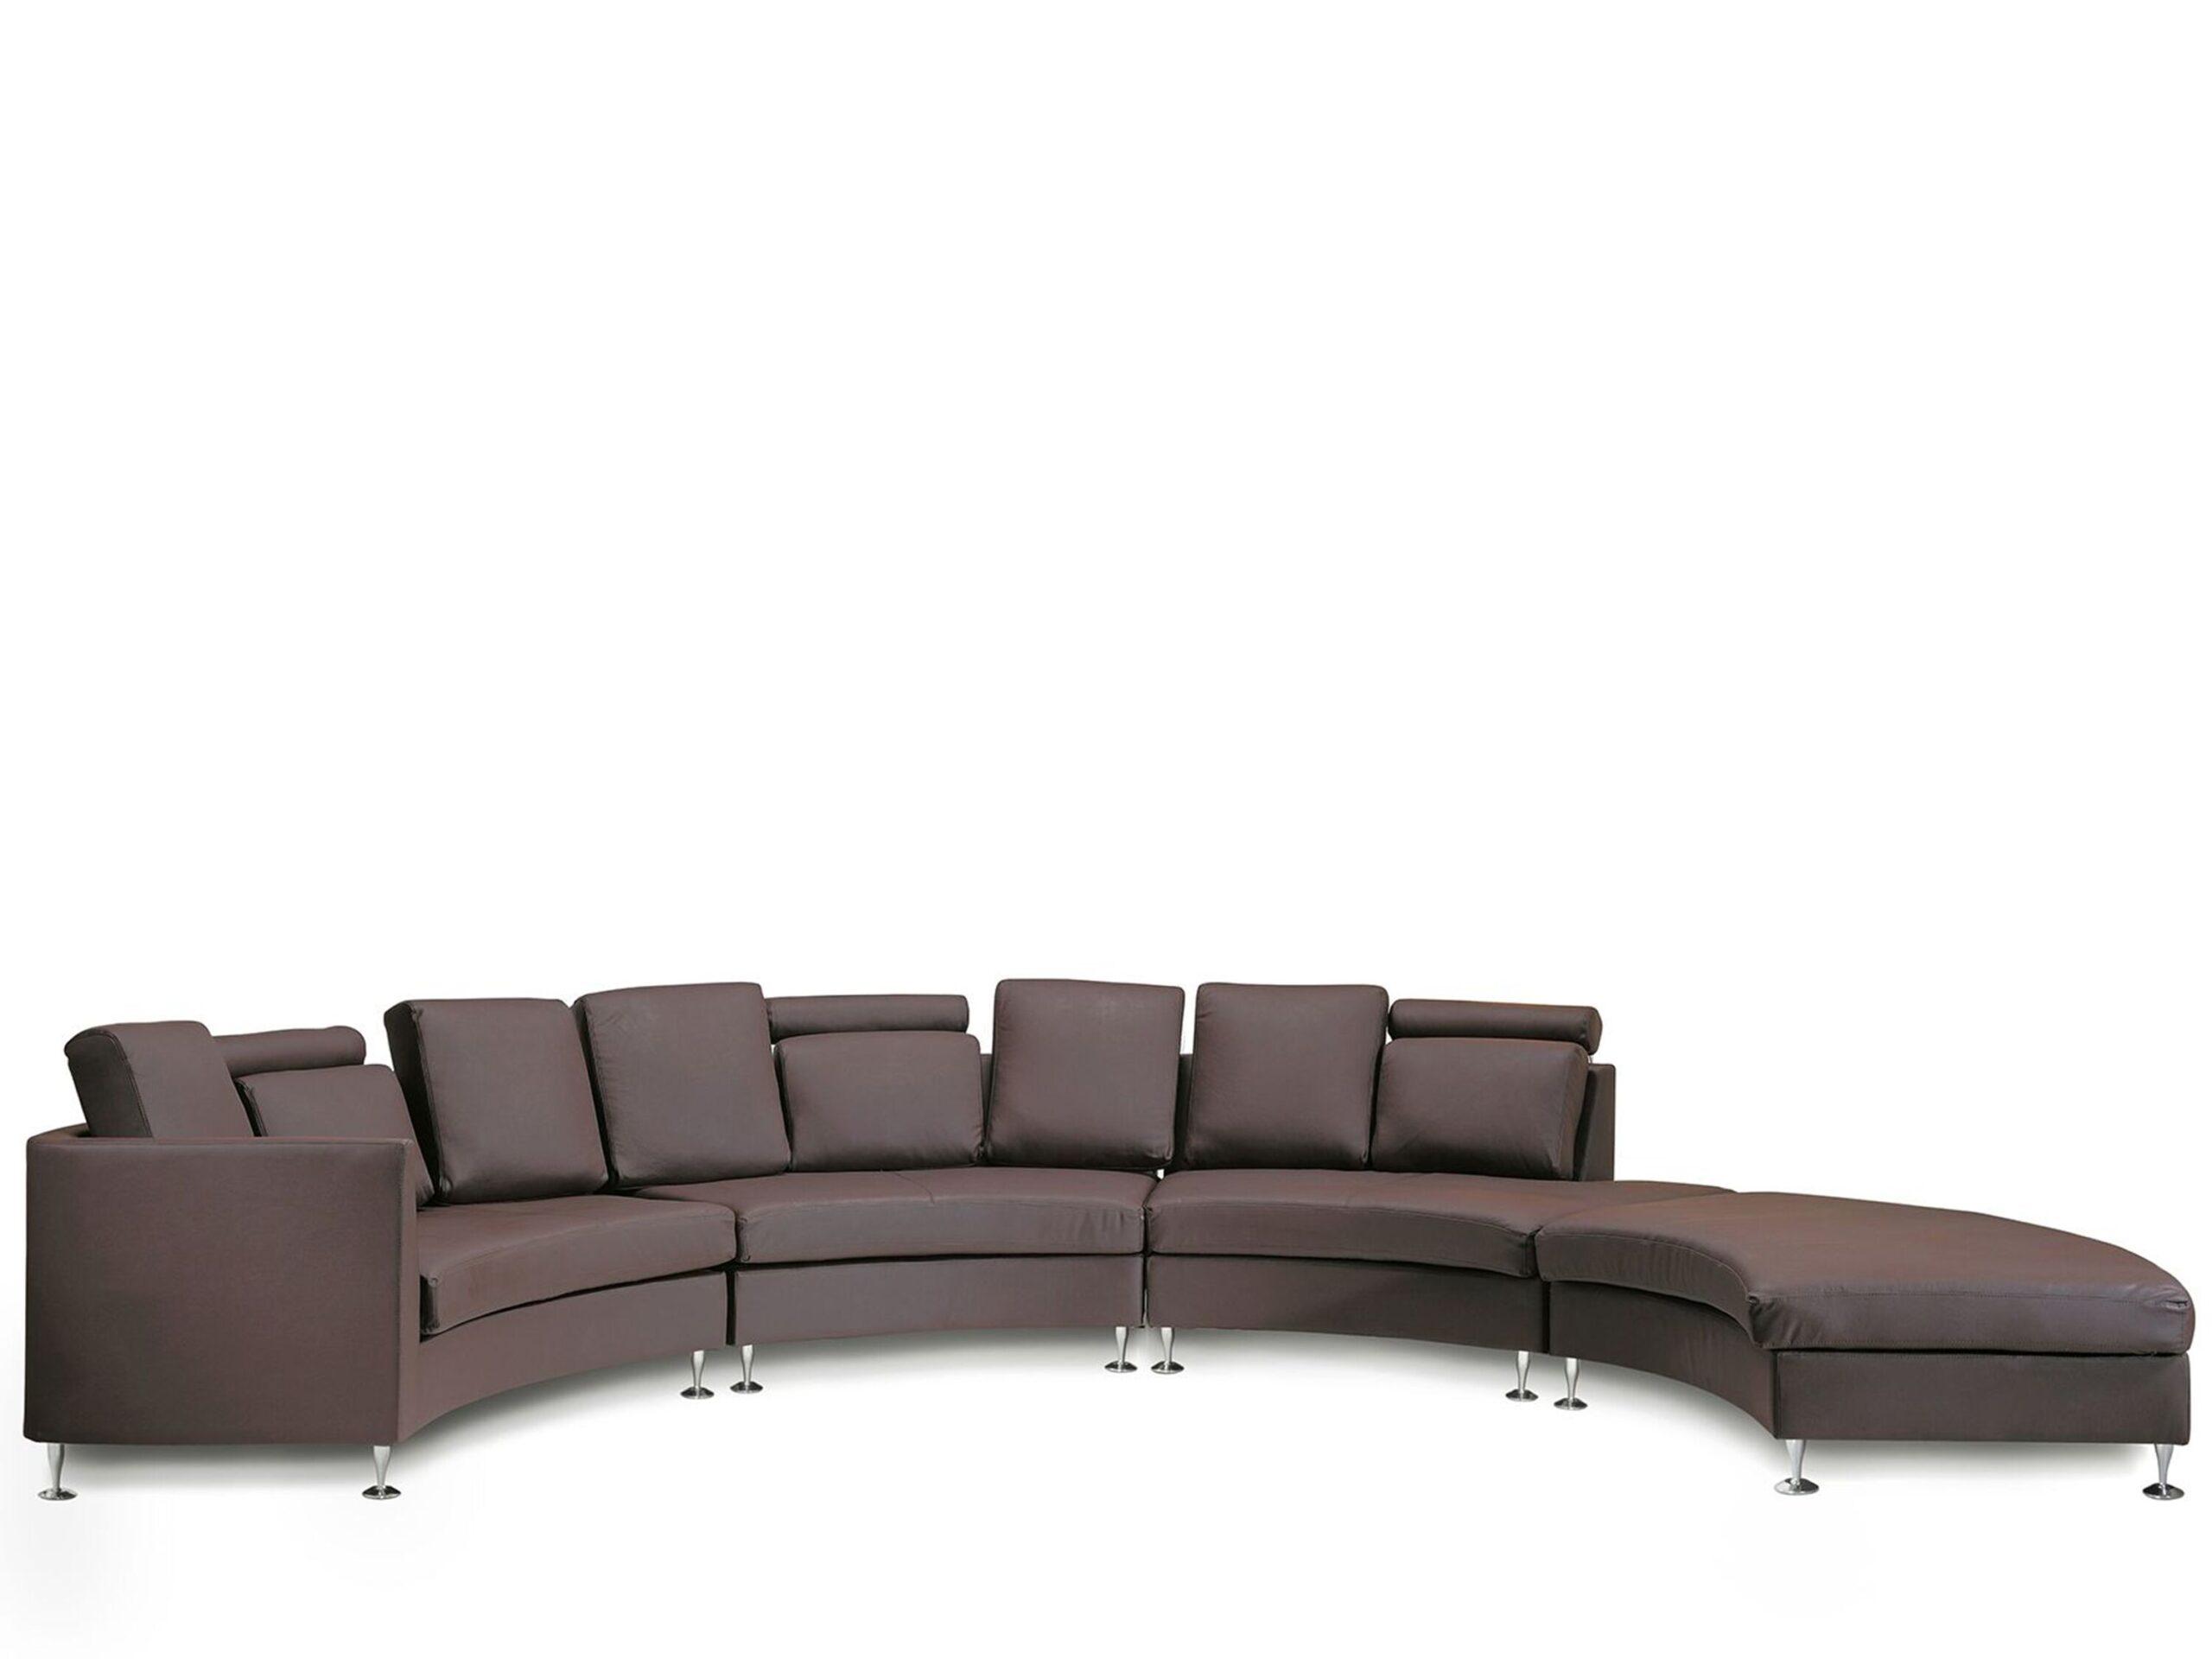 Full Size of Halbrundes Sofa Rot Samt Ebay Ikea Klein Leder Braun Rund Rotunde Belianide Chesterfield Gebraucht Konfigurator L Mit Schlaffunktion Zweisitzer Rundes Xxl U Sofa Halbrundes Sofa